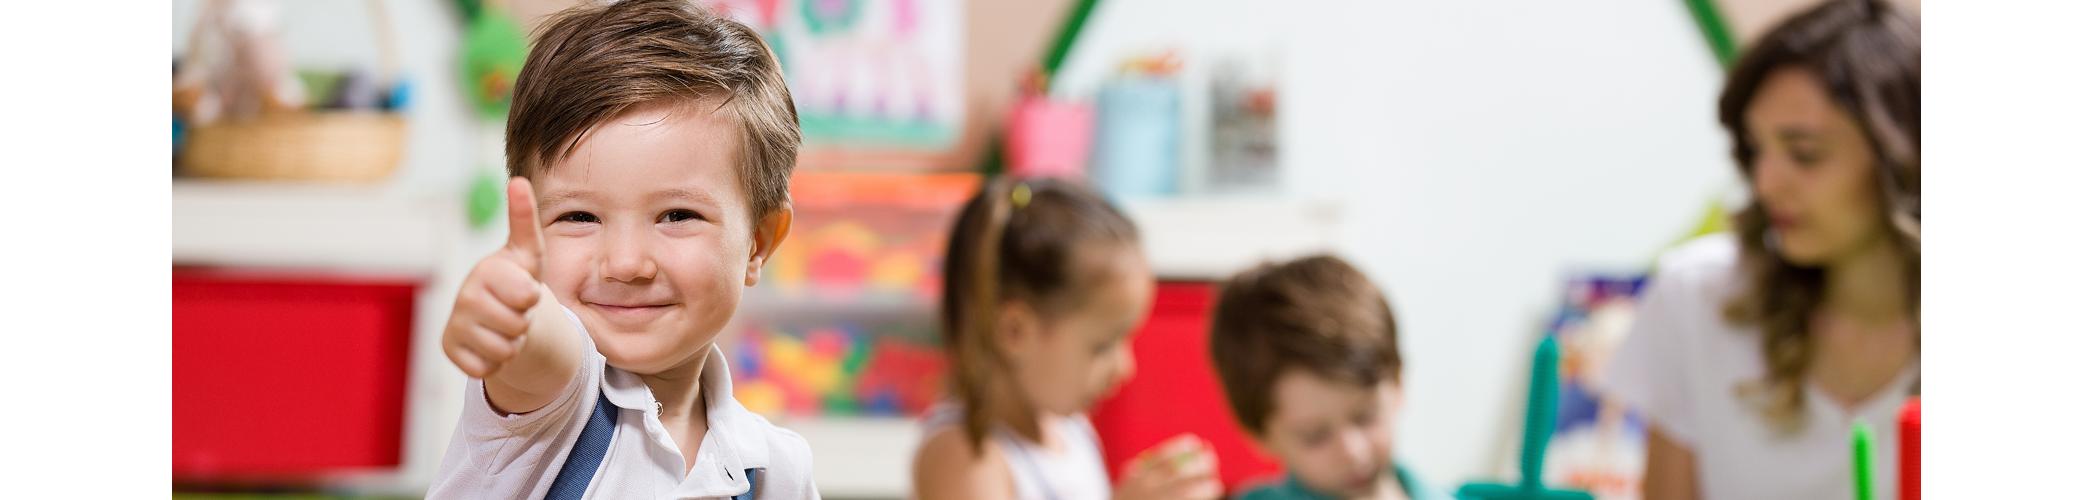 Pomagamy w wychowaniu szczęśliwych i kreatywnych dzieci